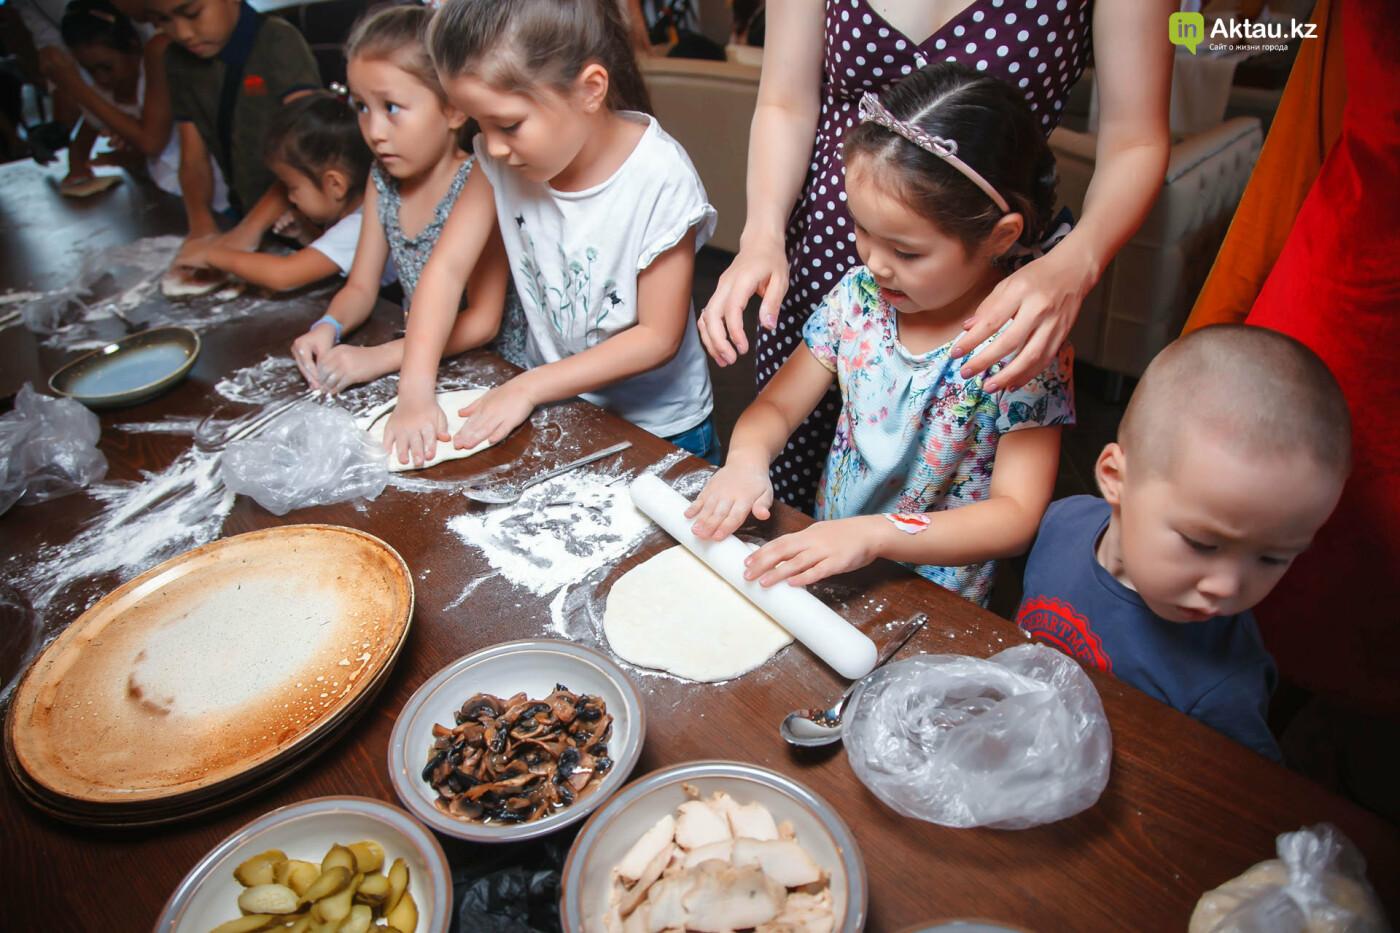 Уикенд в Актау: вечеринки, детские мастер-классы, футбол и Open Air, фото-6